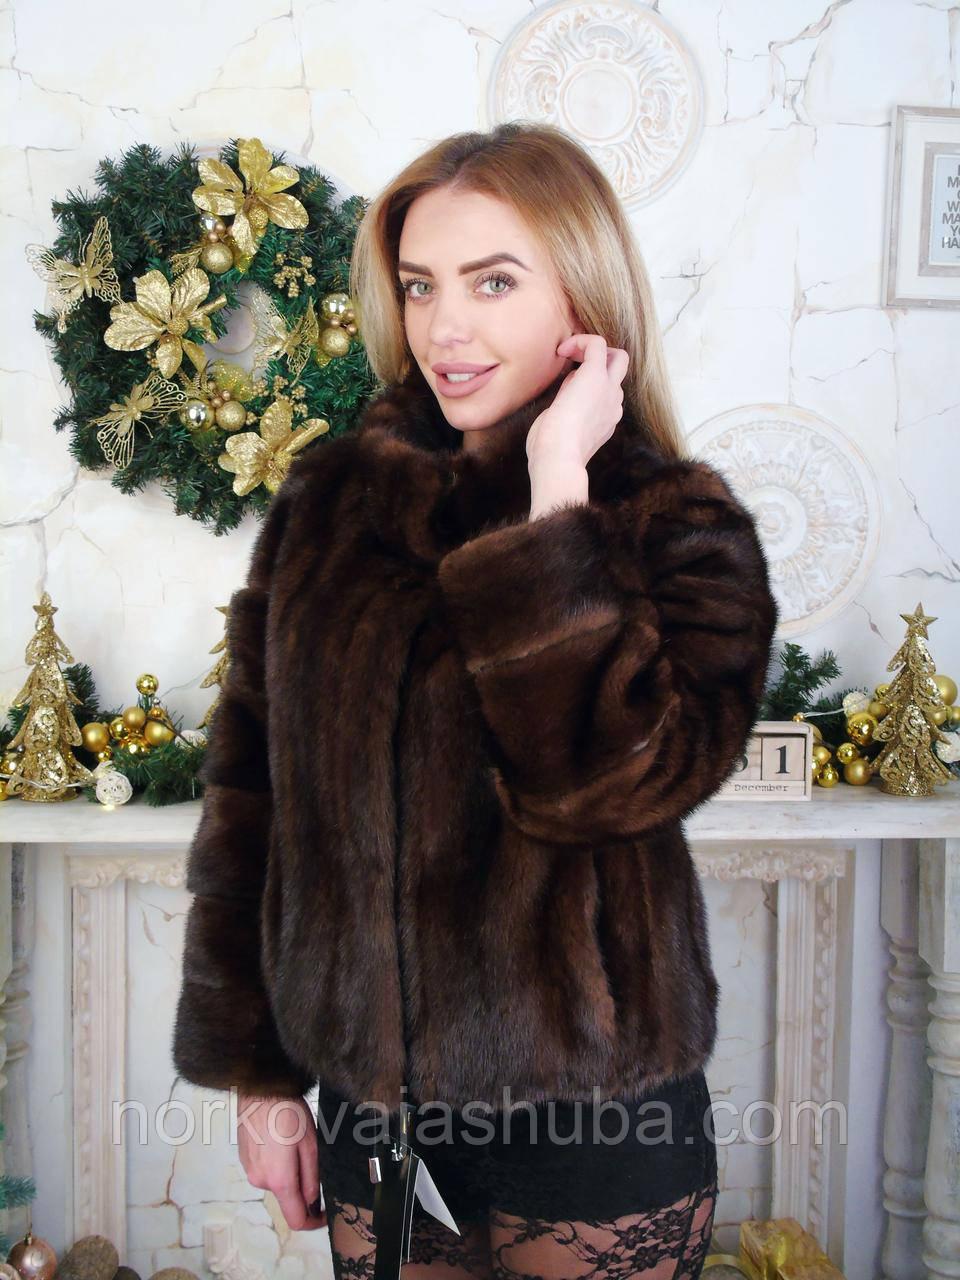 Норковая шуба женская автоледи 46 48 размеры - Интернет-магазин FUR STAR в  Харькове 99c71d31059c7